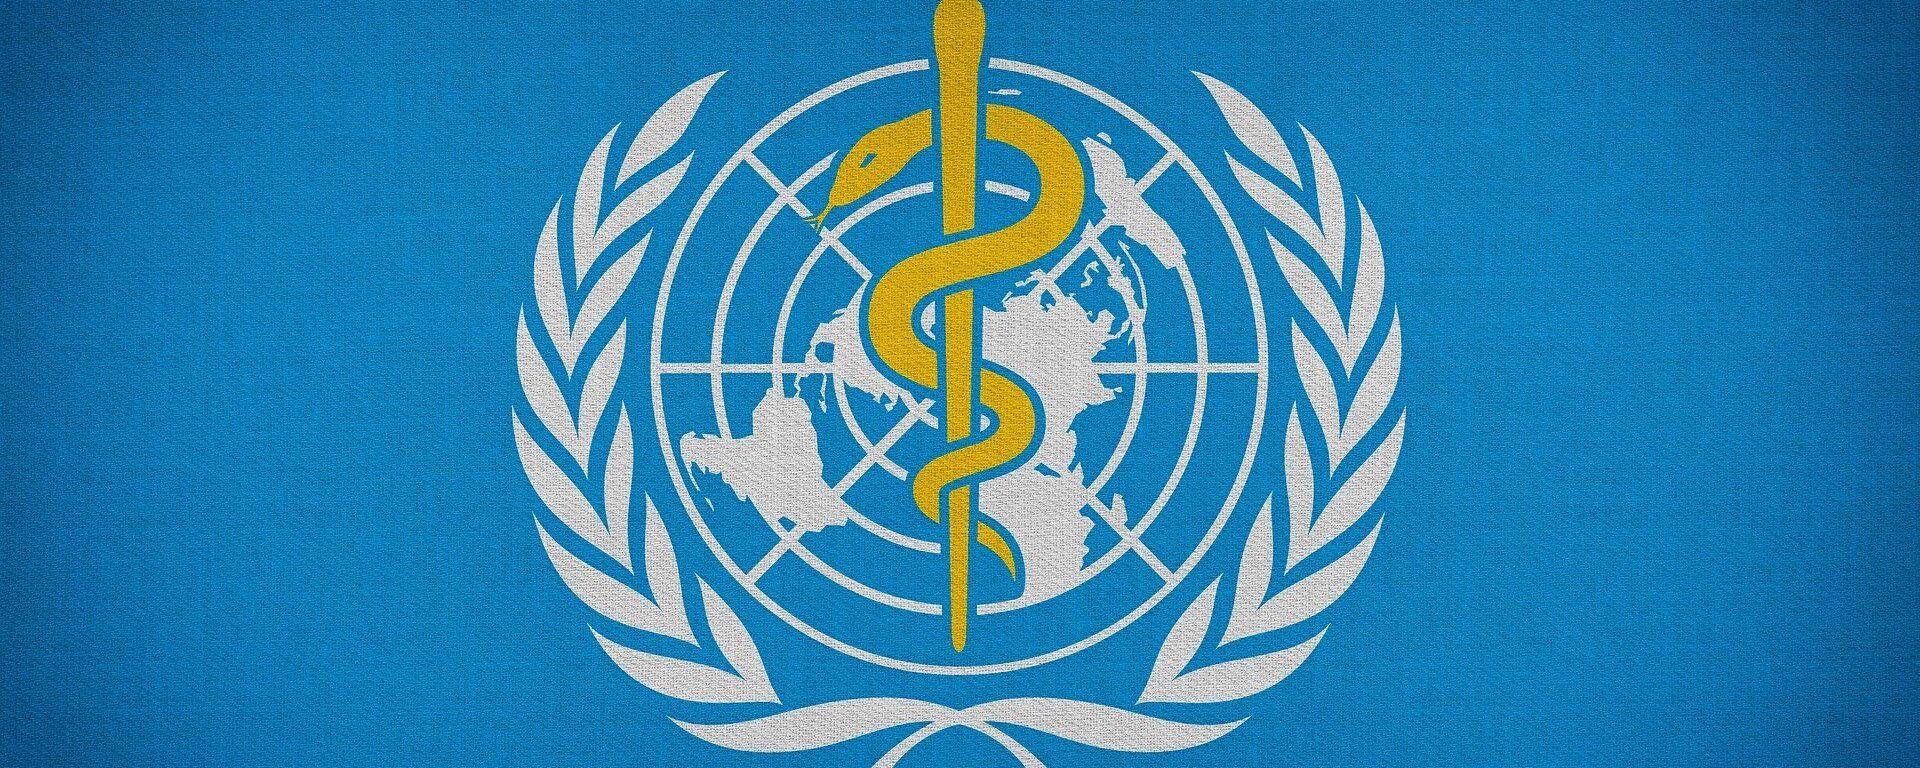 Logo de la Organización Mundial de Salud (OMS) - Sputnik Mundo, 1920, 23.07.2021